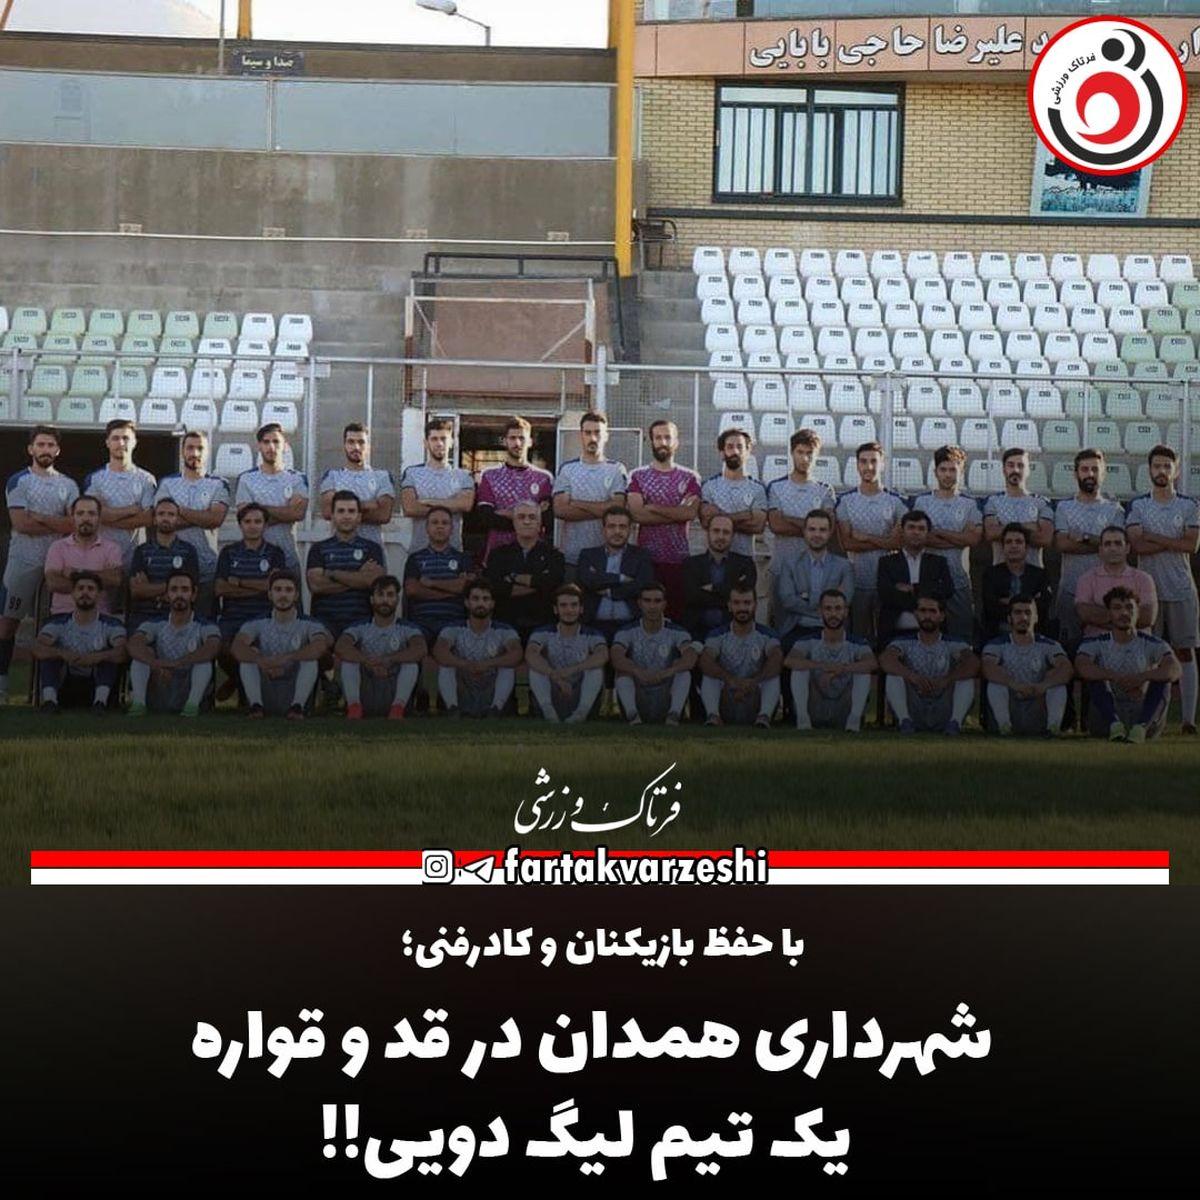 شهرداری همدان در قد و قواره یک تیم لیگ دویی!